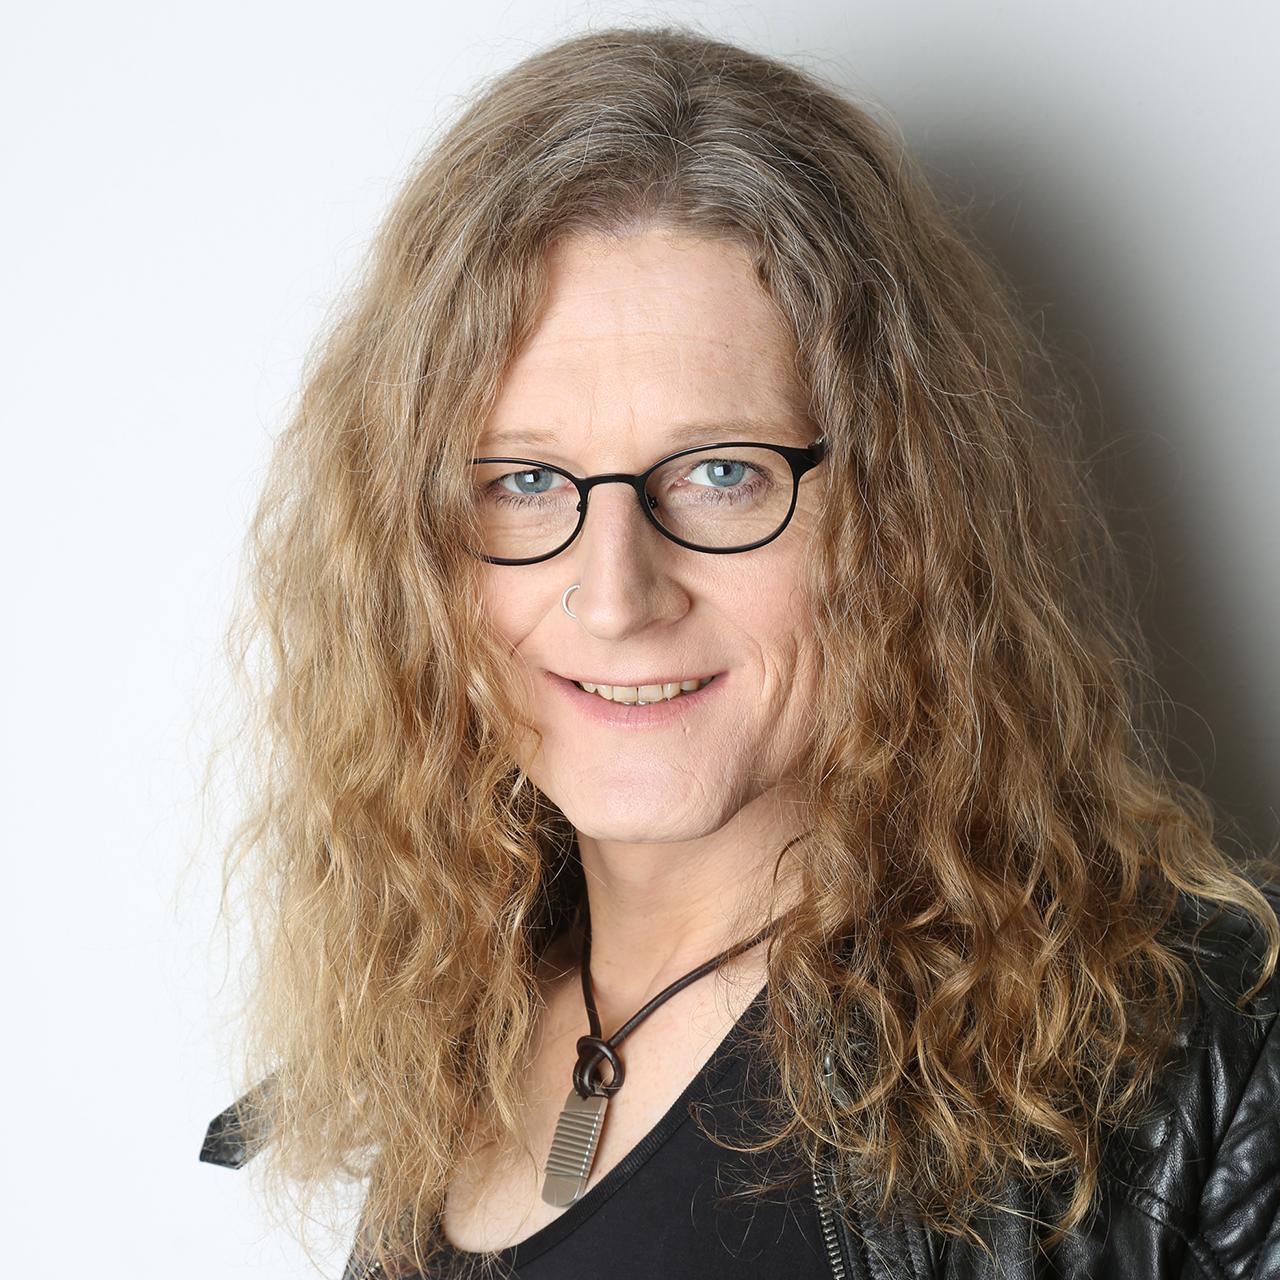 Sprecherin der Münsterliste und Direktkandidatin für den Bundestag 2021 Sarah Geselbracht